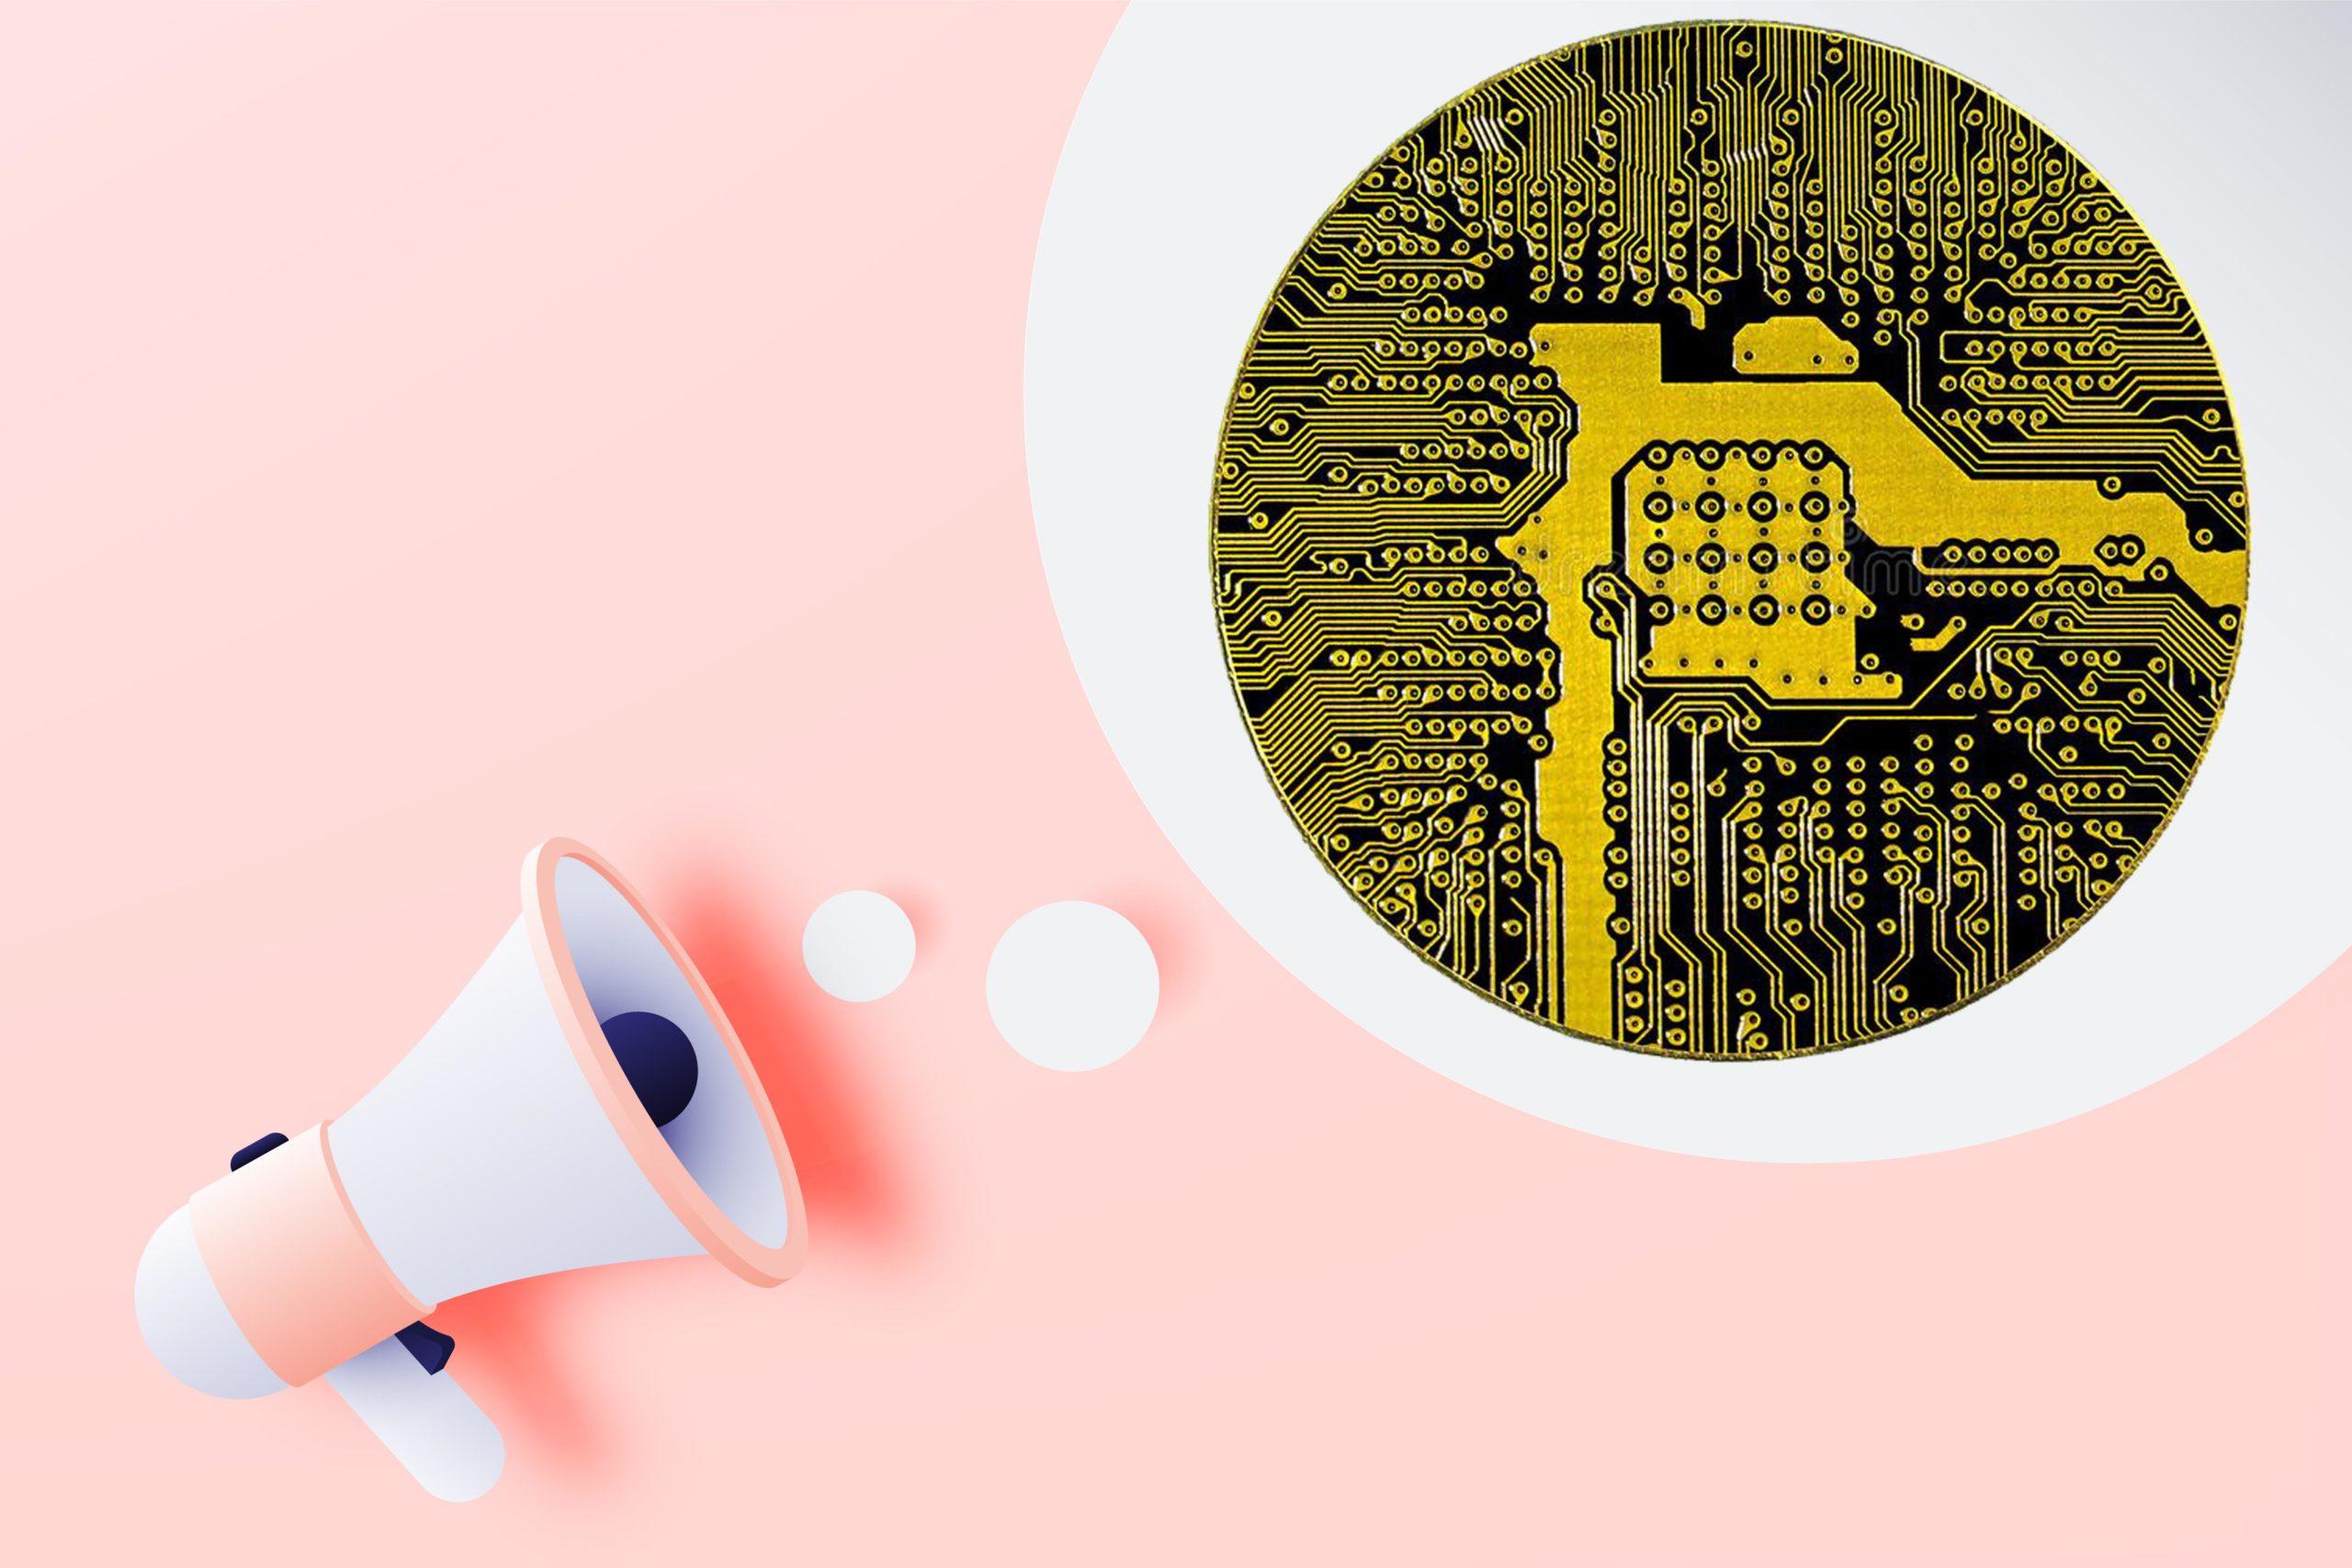 Populer Sirkete Gore Bitcoin ve Bir Altcoinde Cok Onemli Hareketler Yasanacak